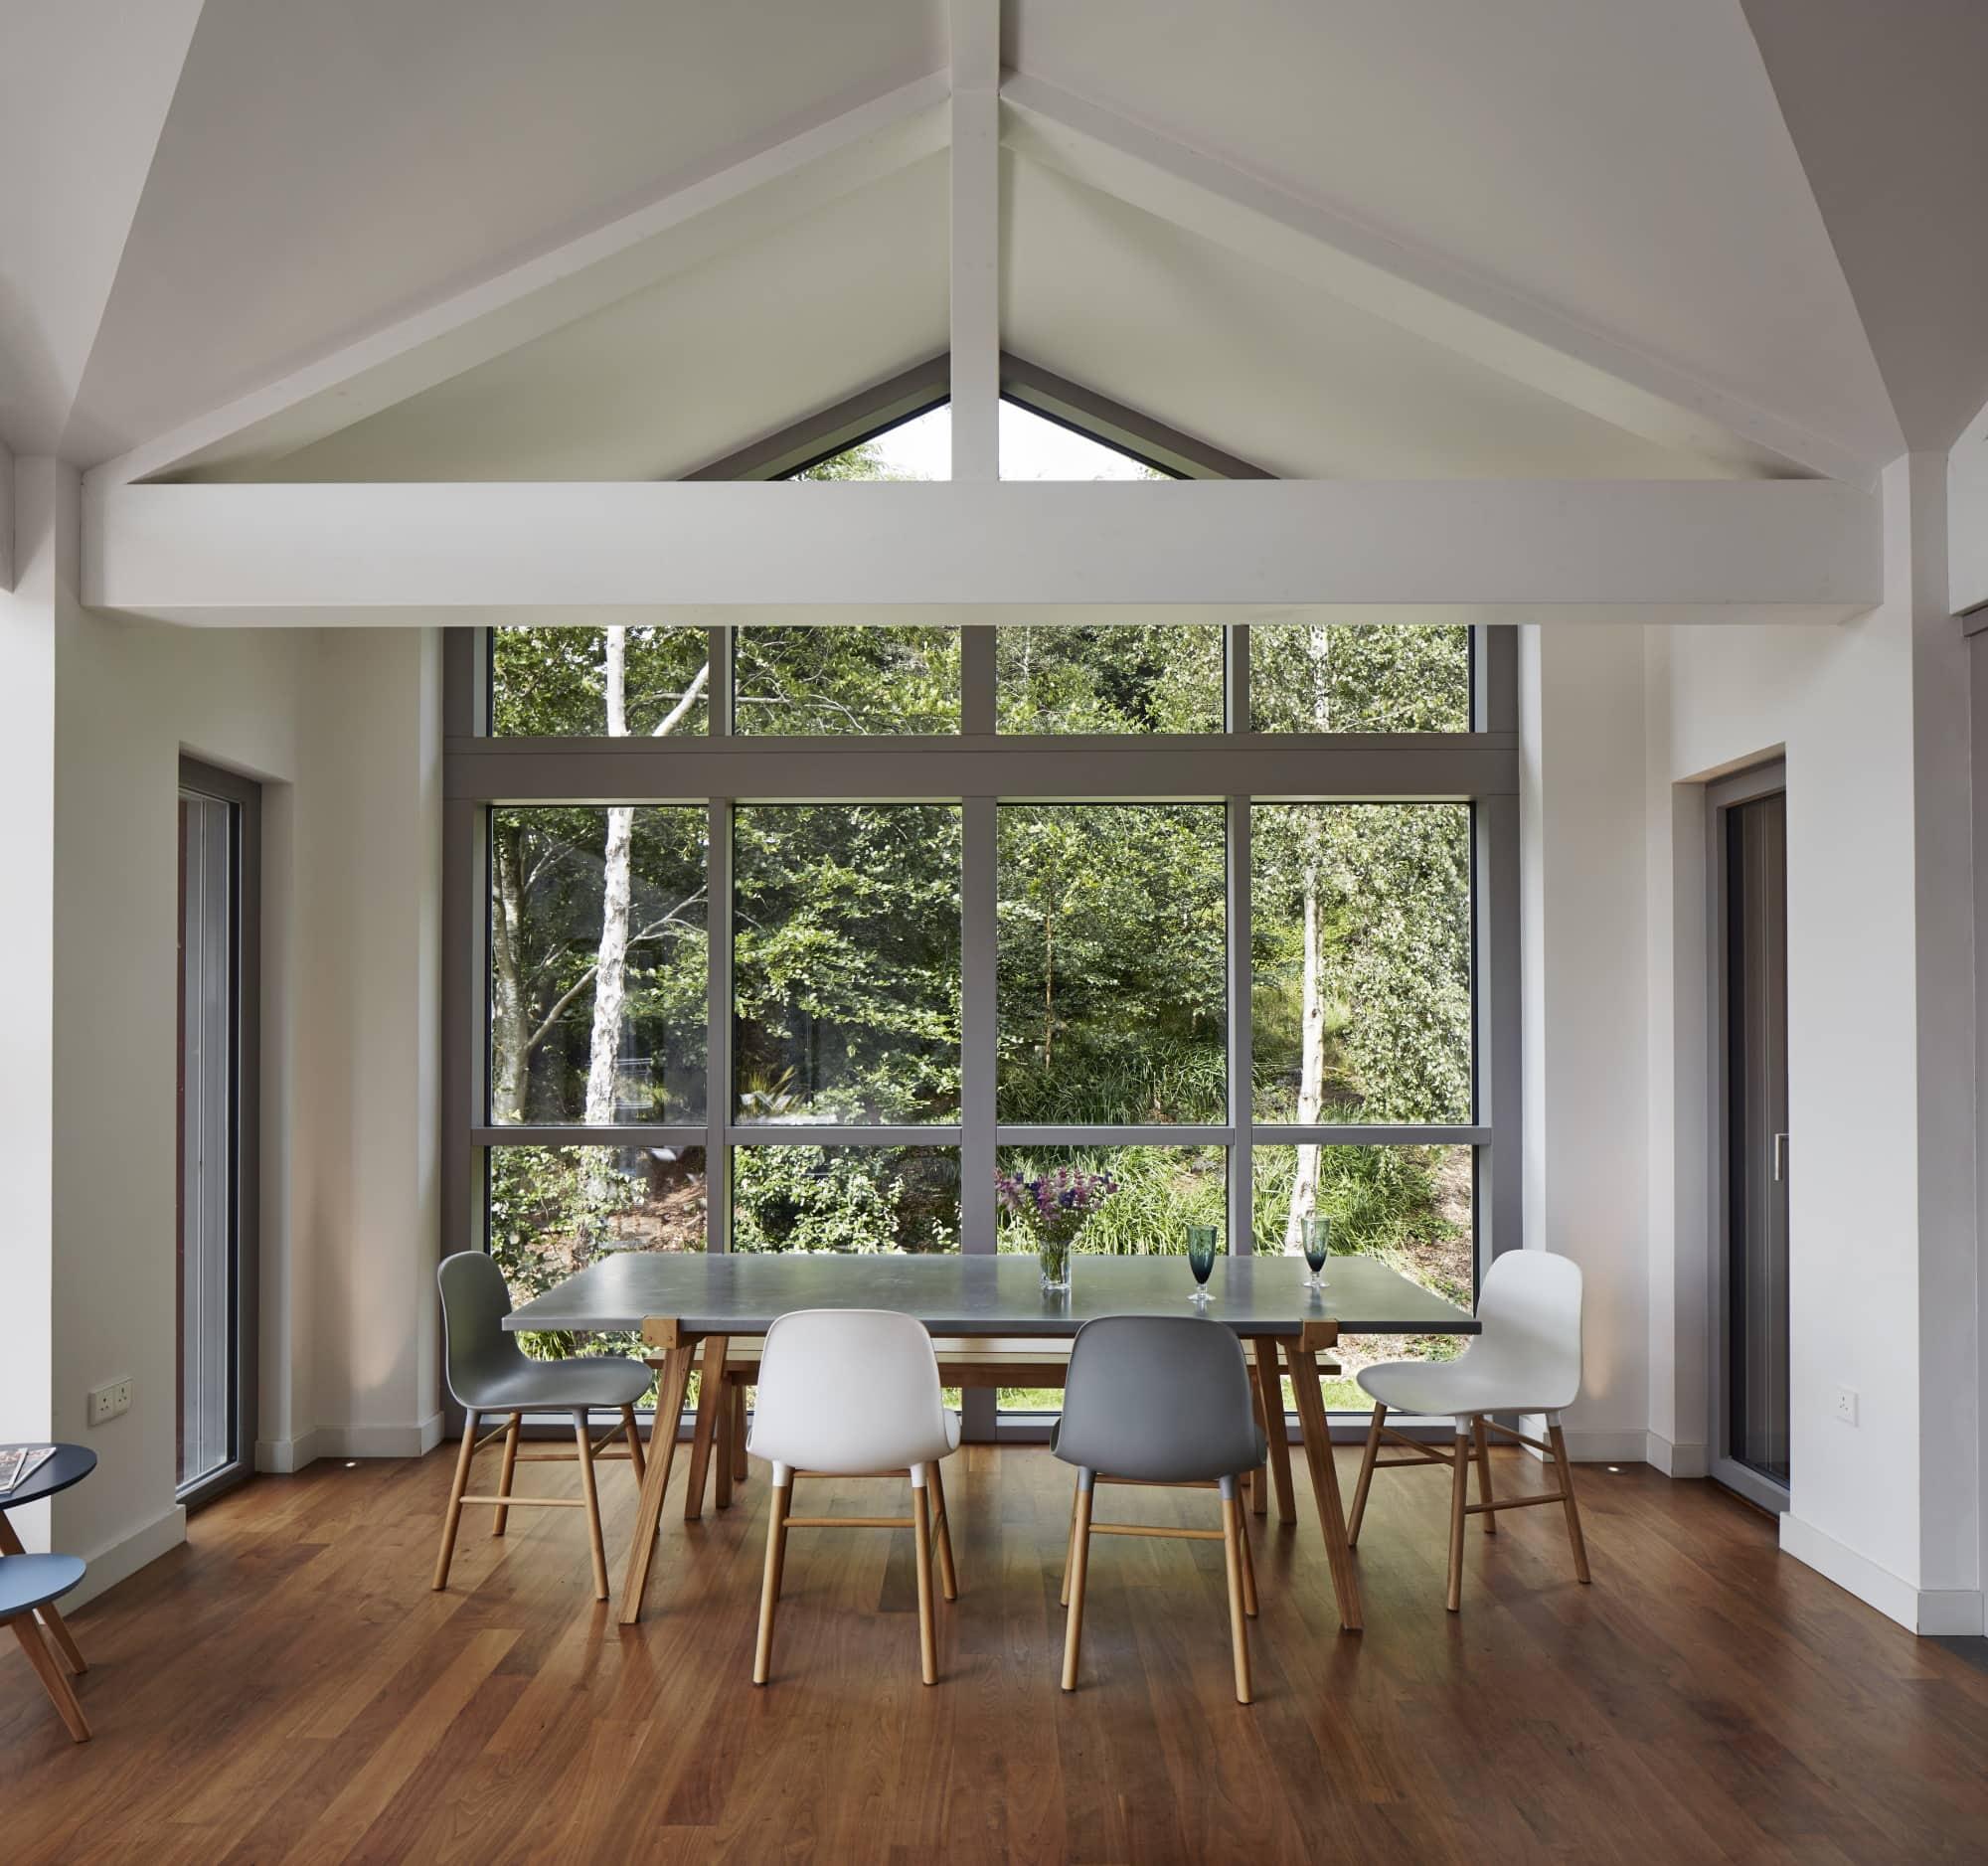 Esszimmer modern im Landhausstil - Inneneinrichtung Landhaus Villa Baufritz Fertighaus FORTESCUE - HausbauDirekt.de